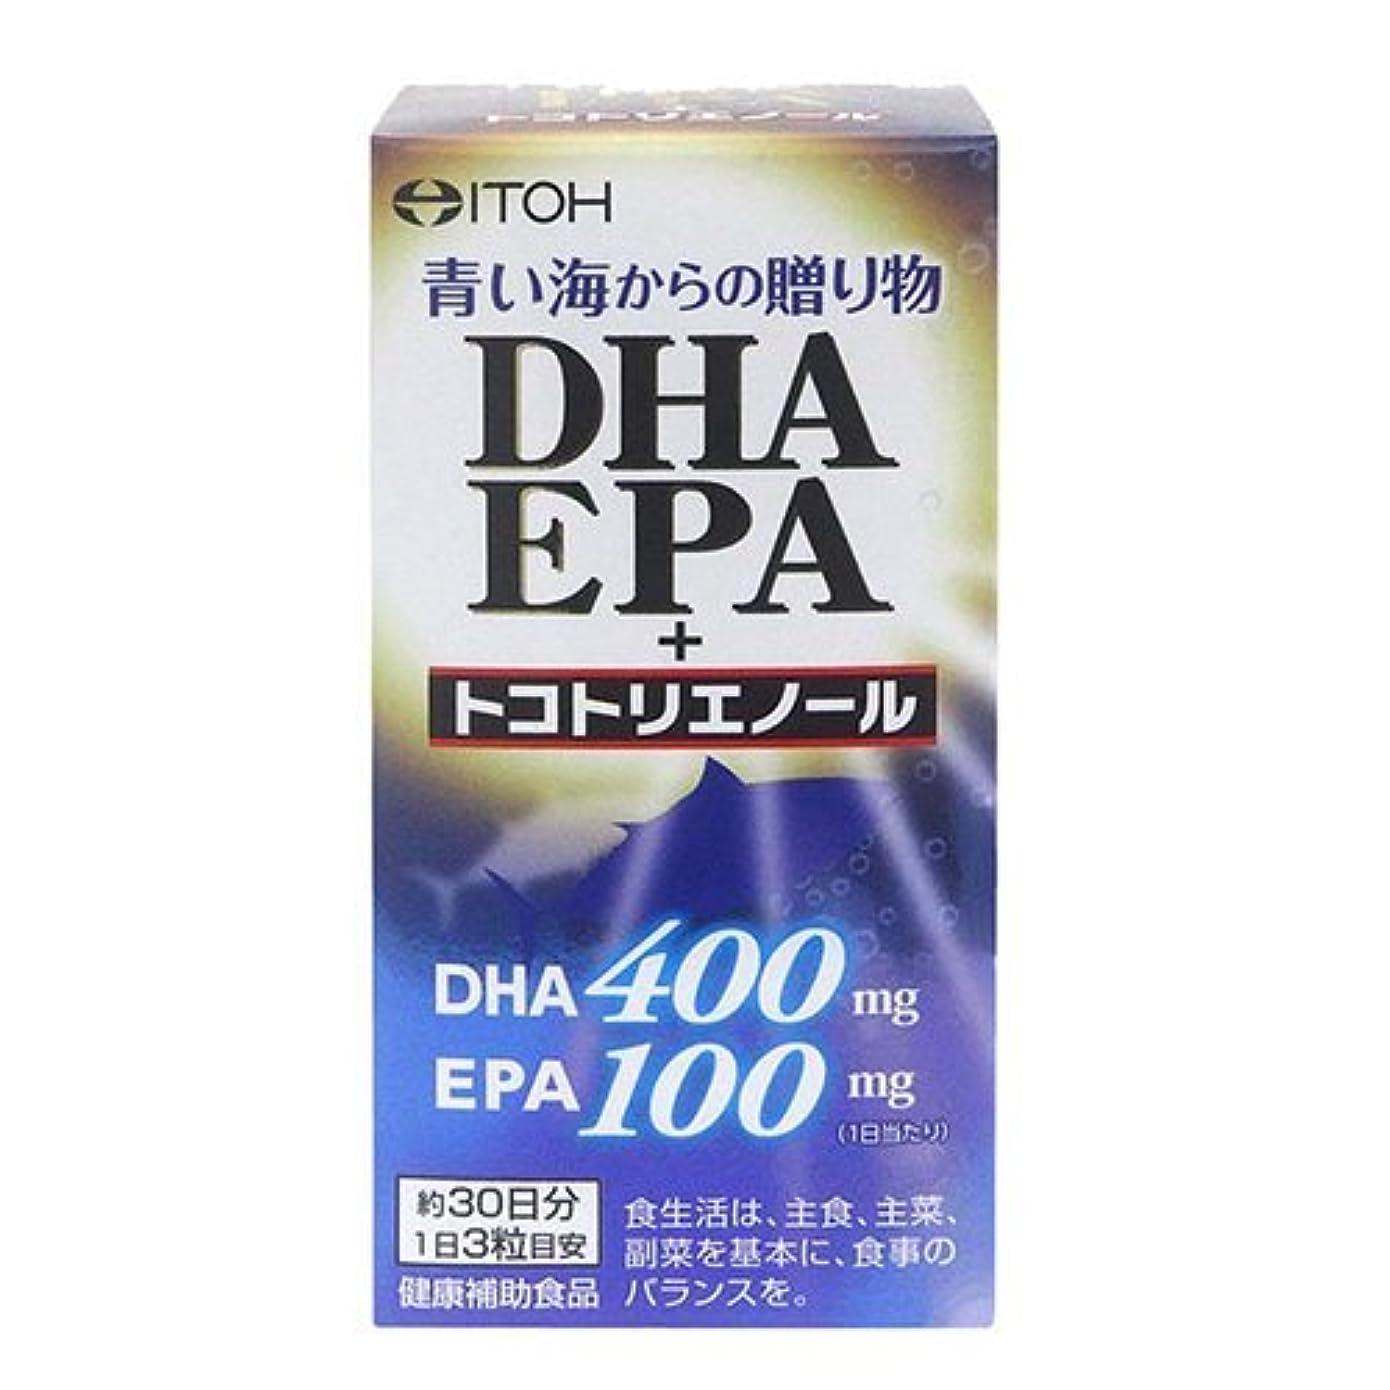 次震え保証金井藤漢方製薬 DHA EPA+トコトリエノール 約30日分 90粒 Japan